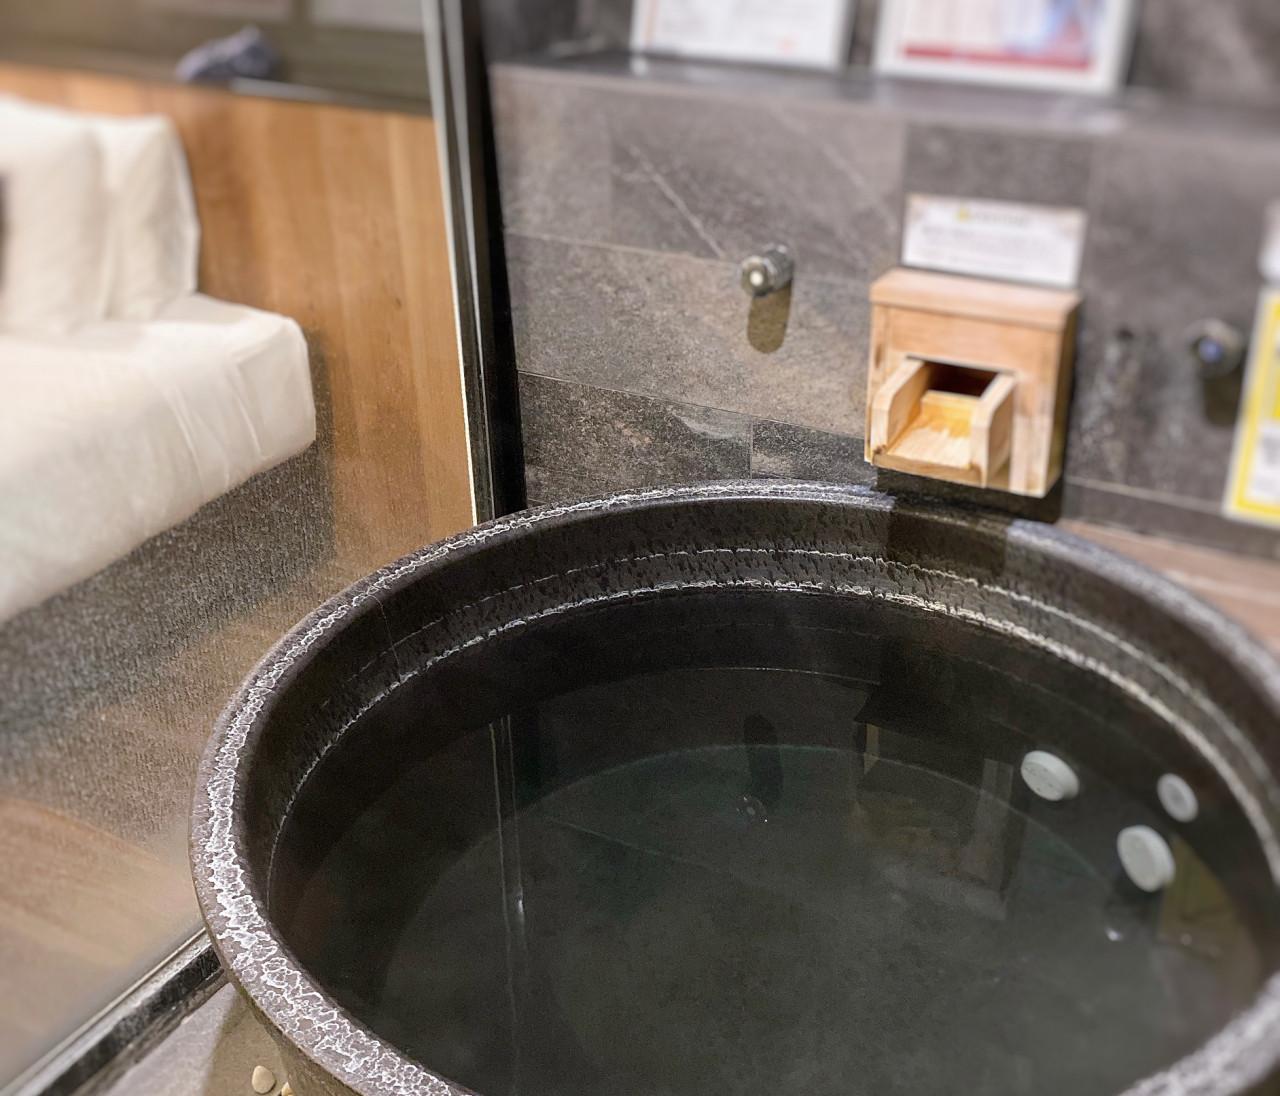 半露天風呂付きでリーズナブル!箱根温泉で贅沢気分を味わおう!